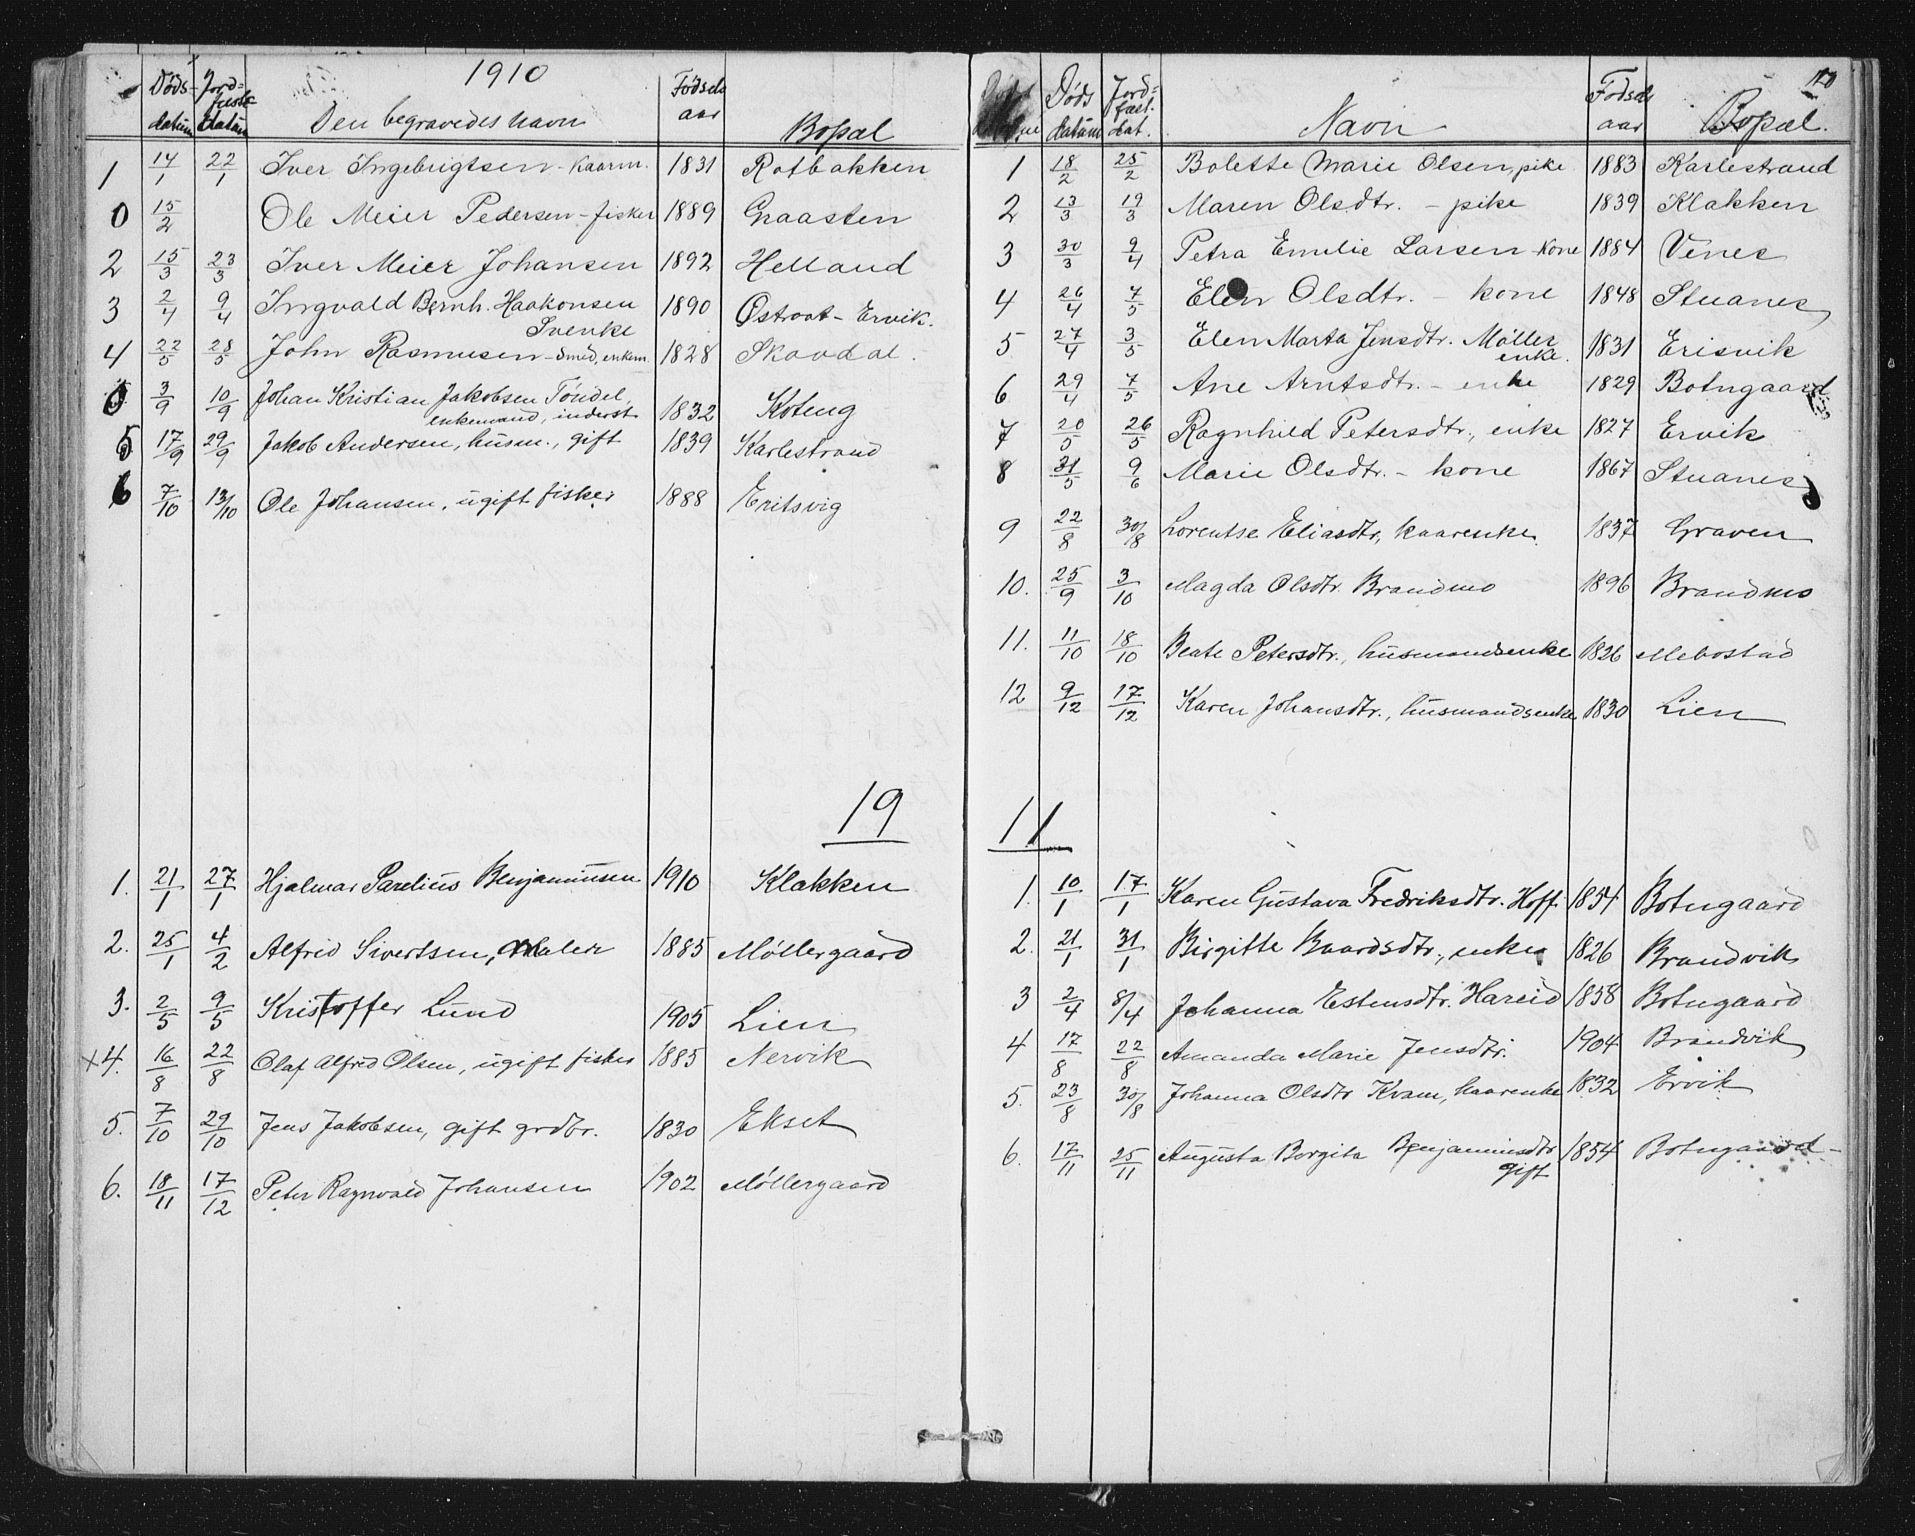 SAT, Ministerialprotokoller, klokkerbøker og fødselsregistre - Sør-Trøndelag, 651/L0647: Klokkerbok nr. 651C01, 1866-1914, s. 120